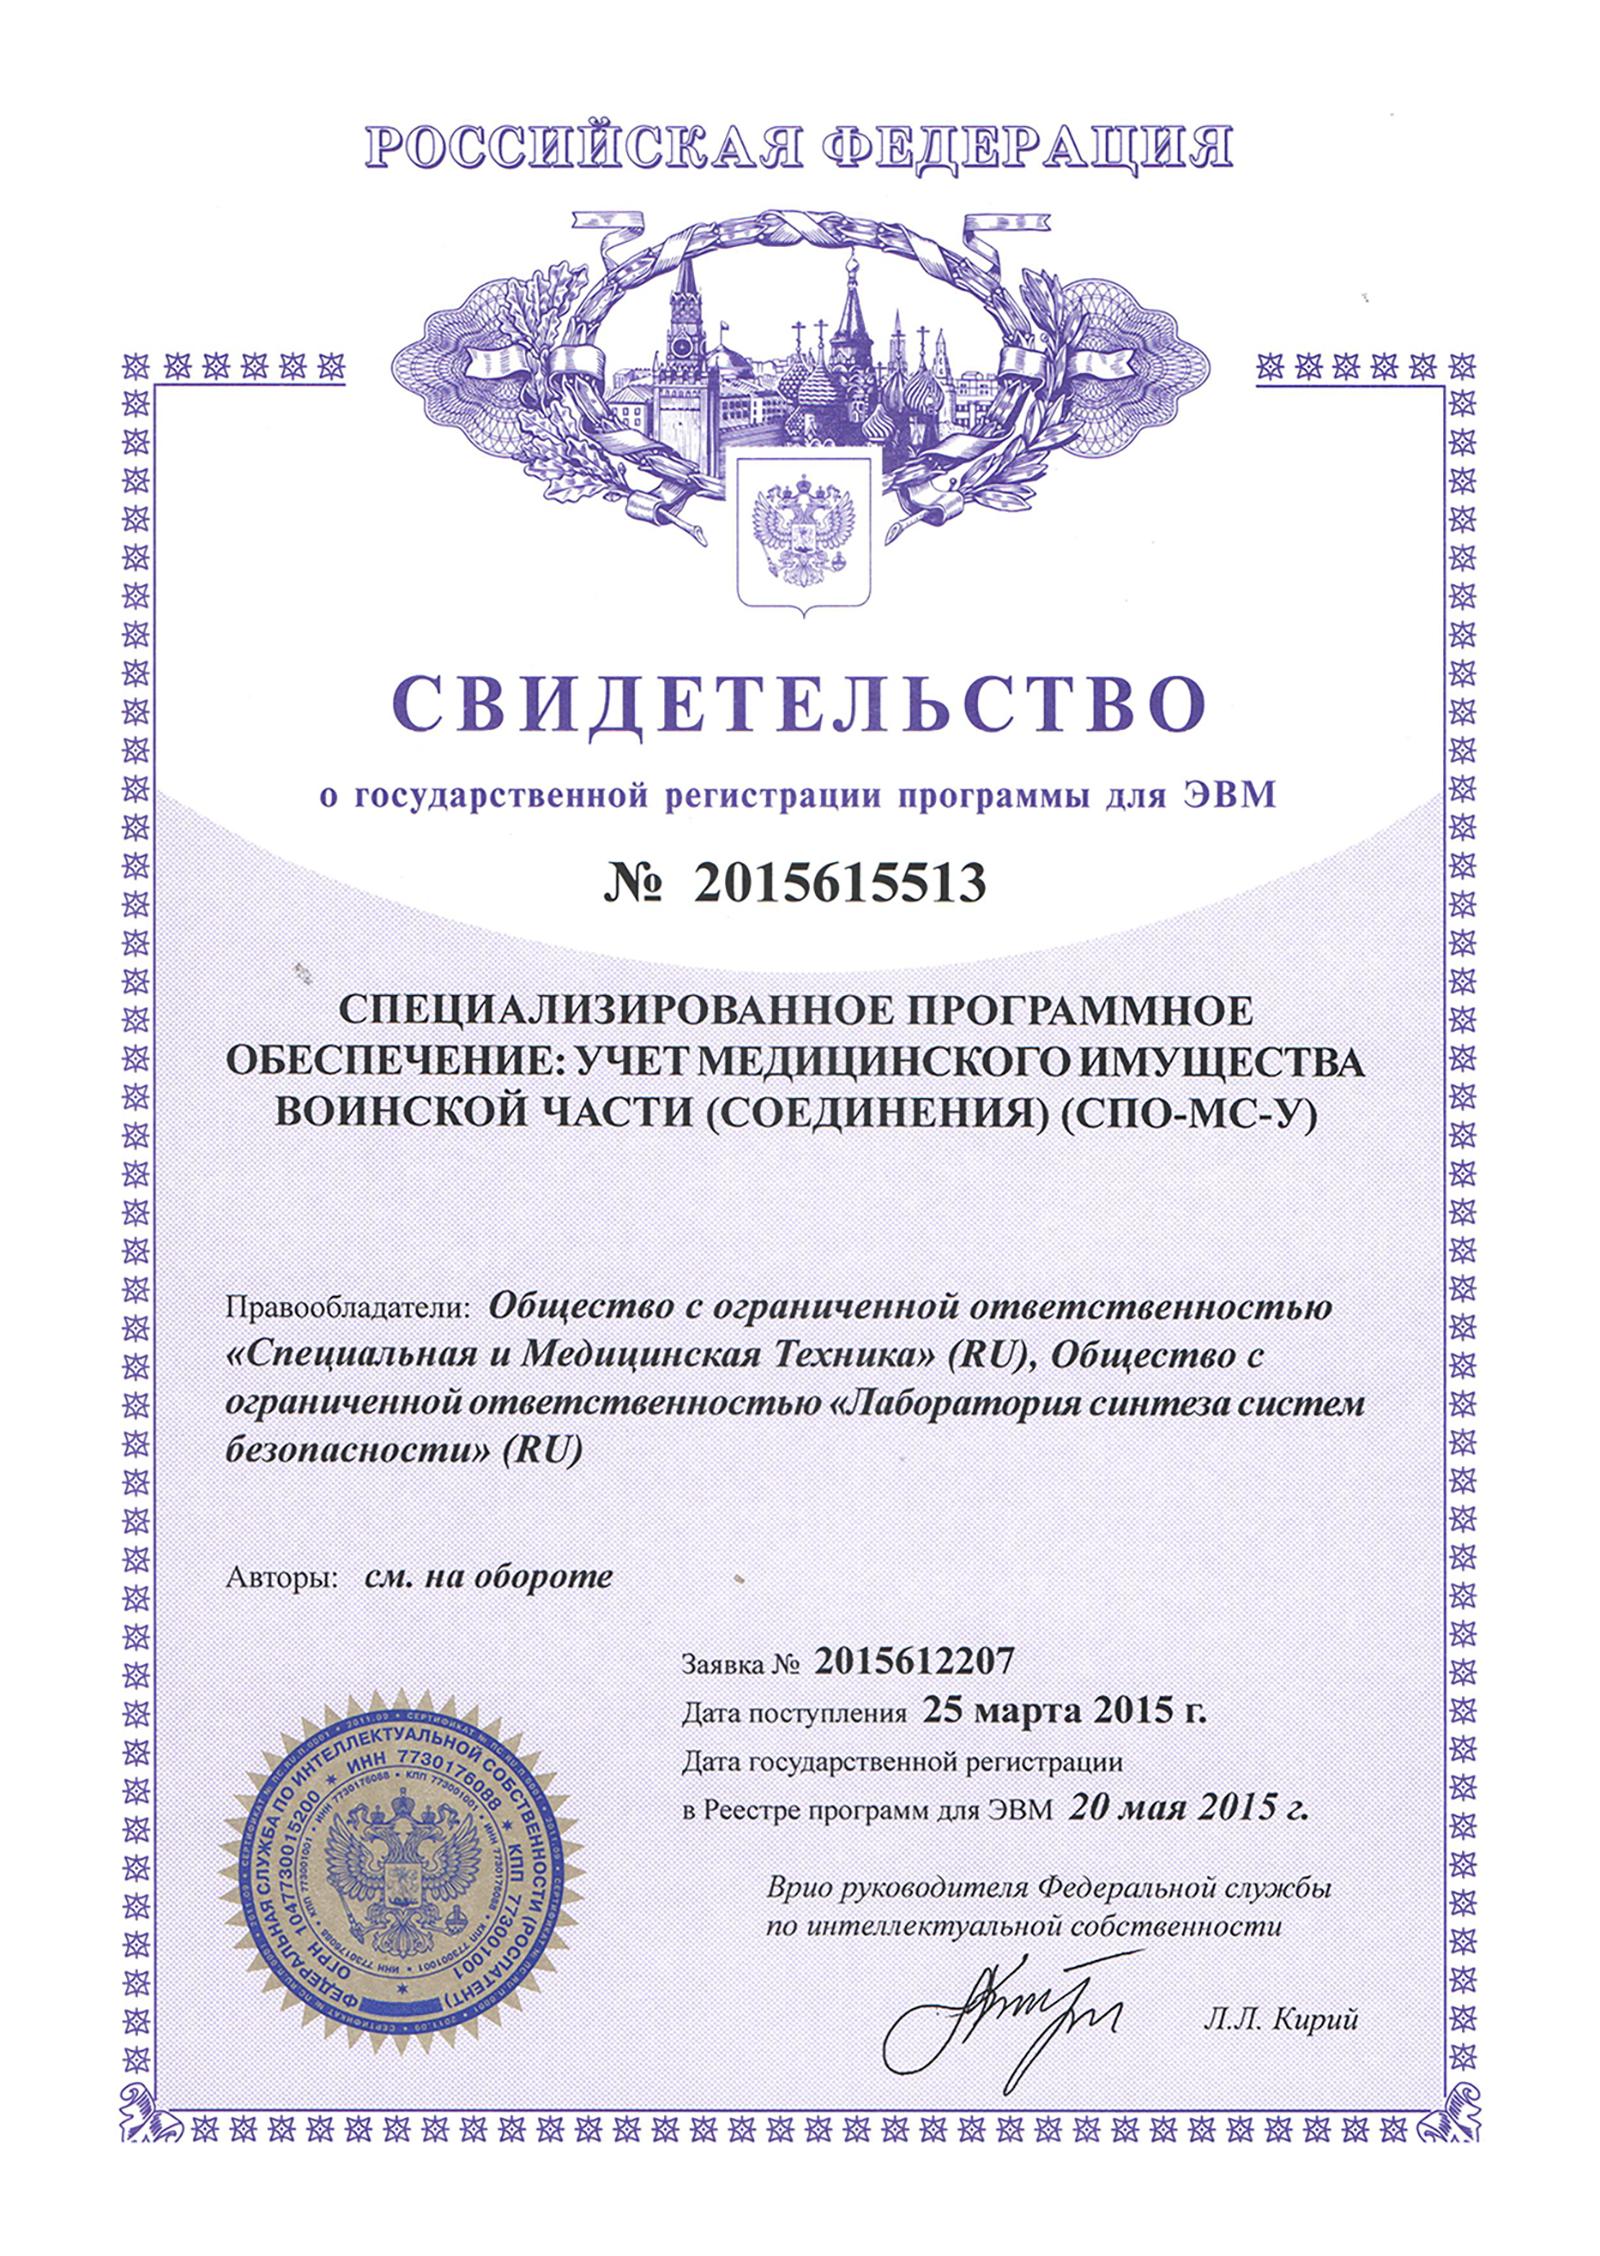 Свидетельство на программу 2015615513 Специализированное программное обеспечение